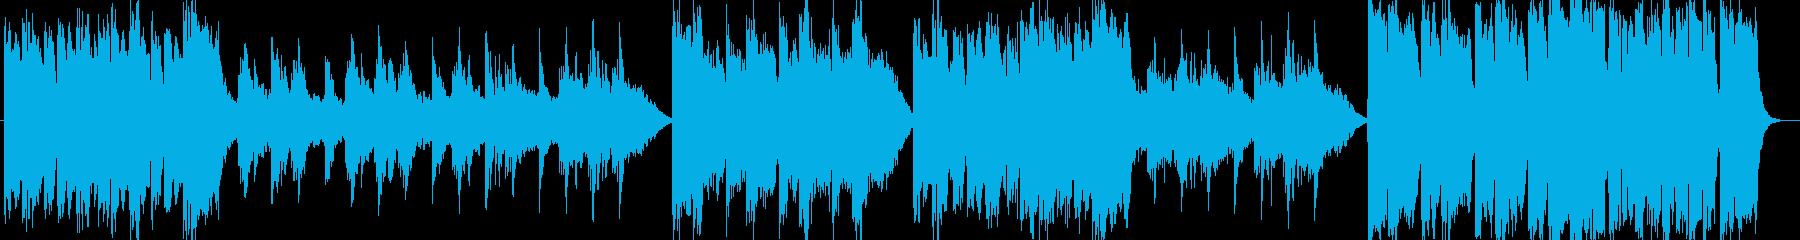 壮大なスケールのオーケストラ楽曲の再生済みの波形